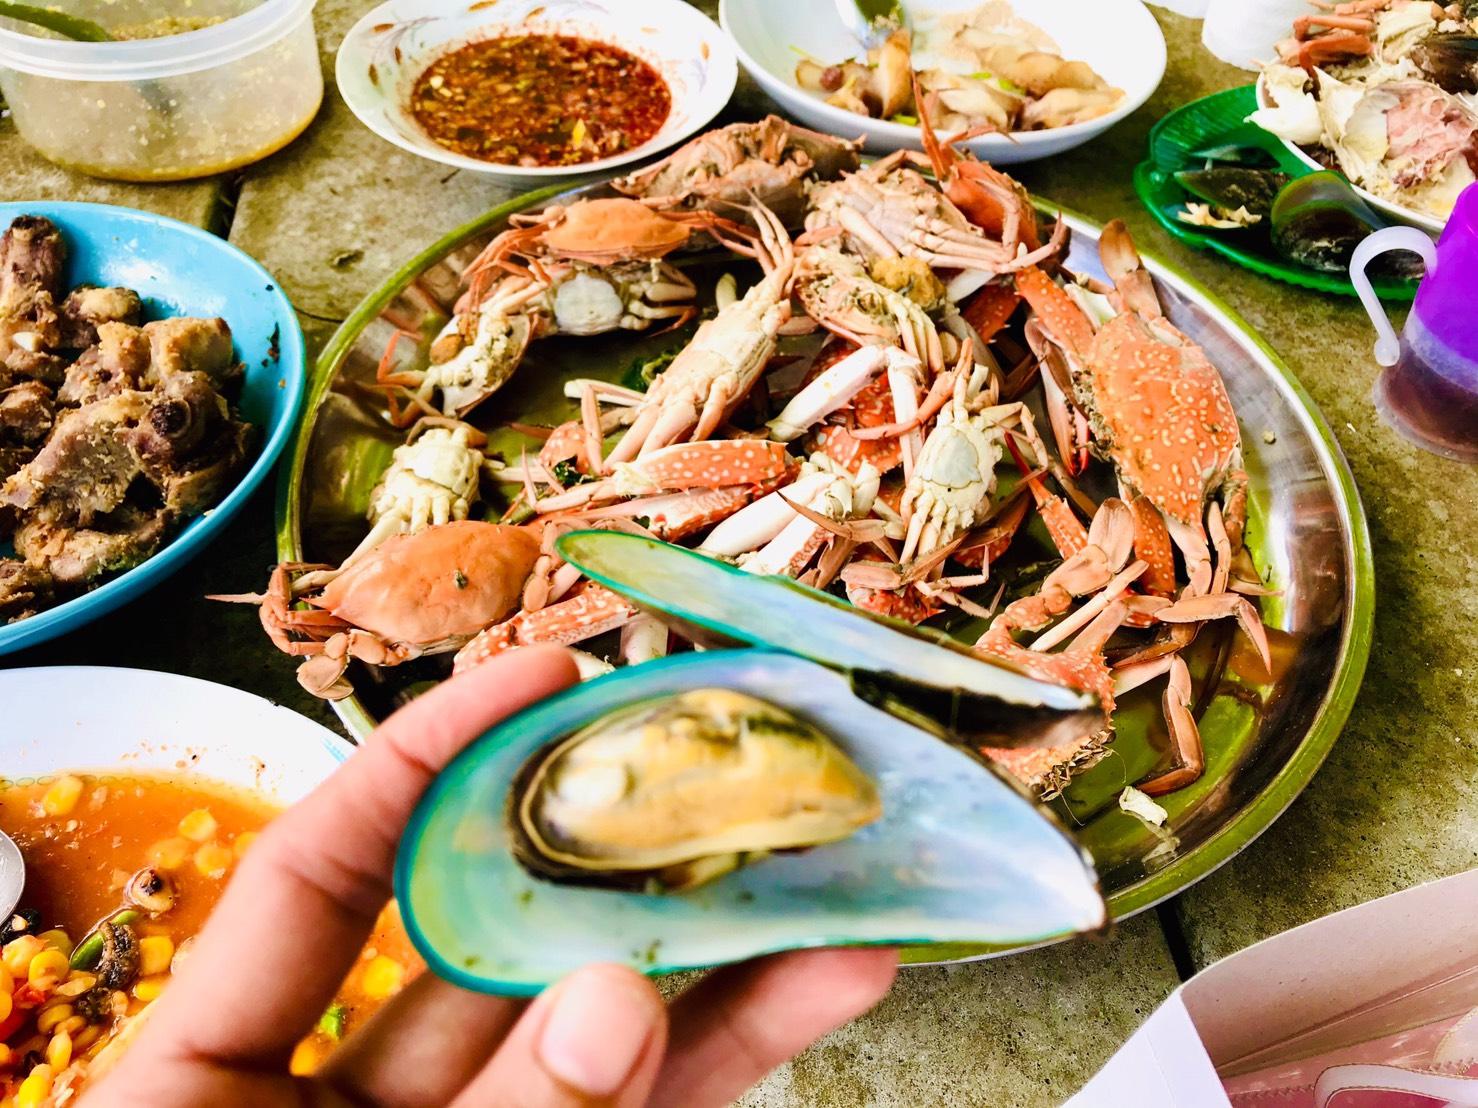 Tailandietiškas maistas - jūros gėrybės